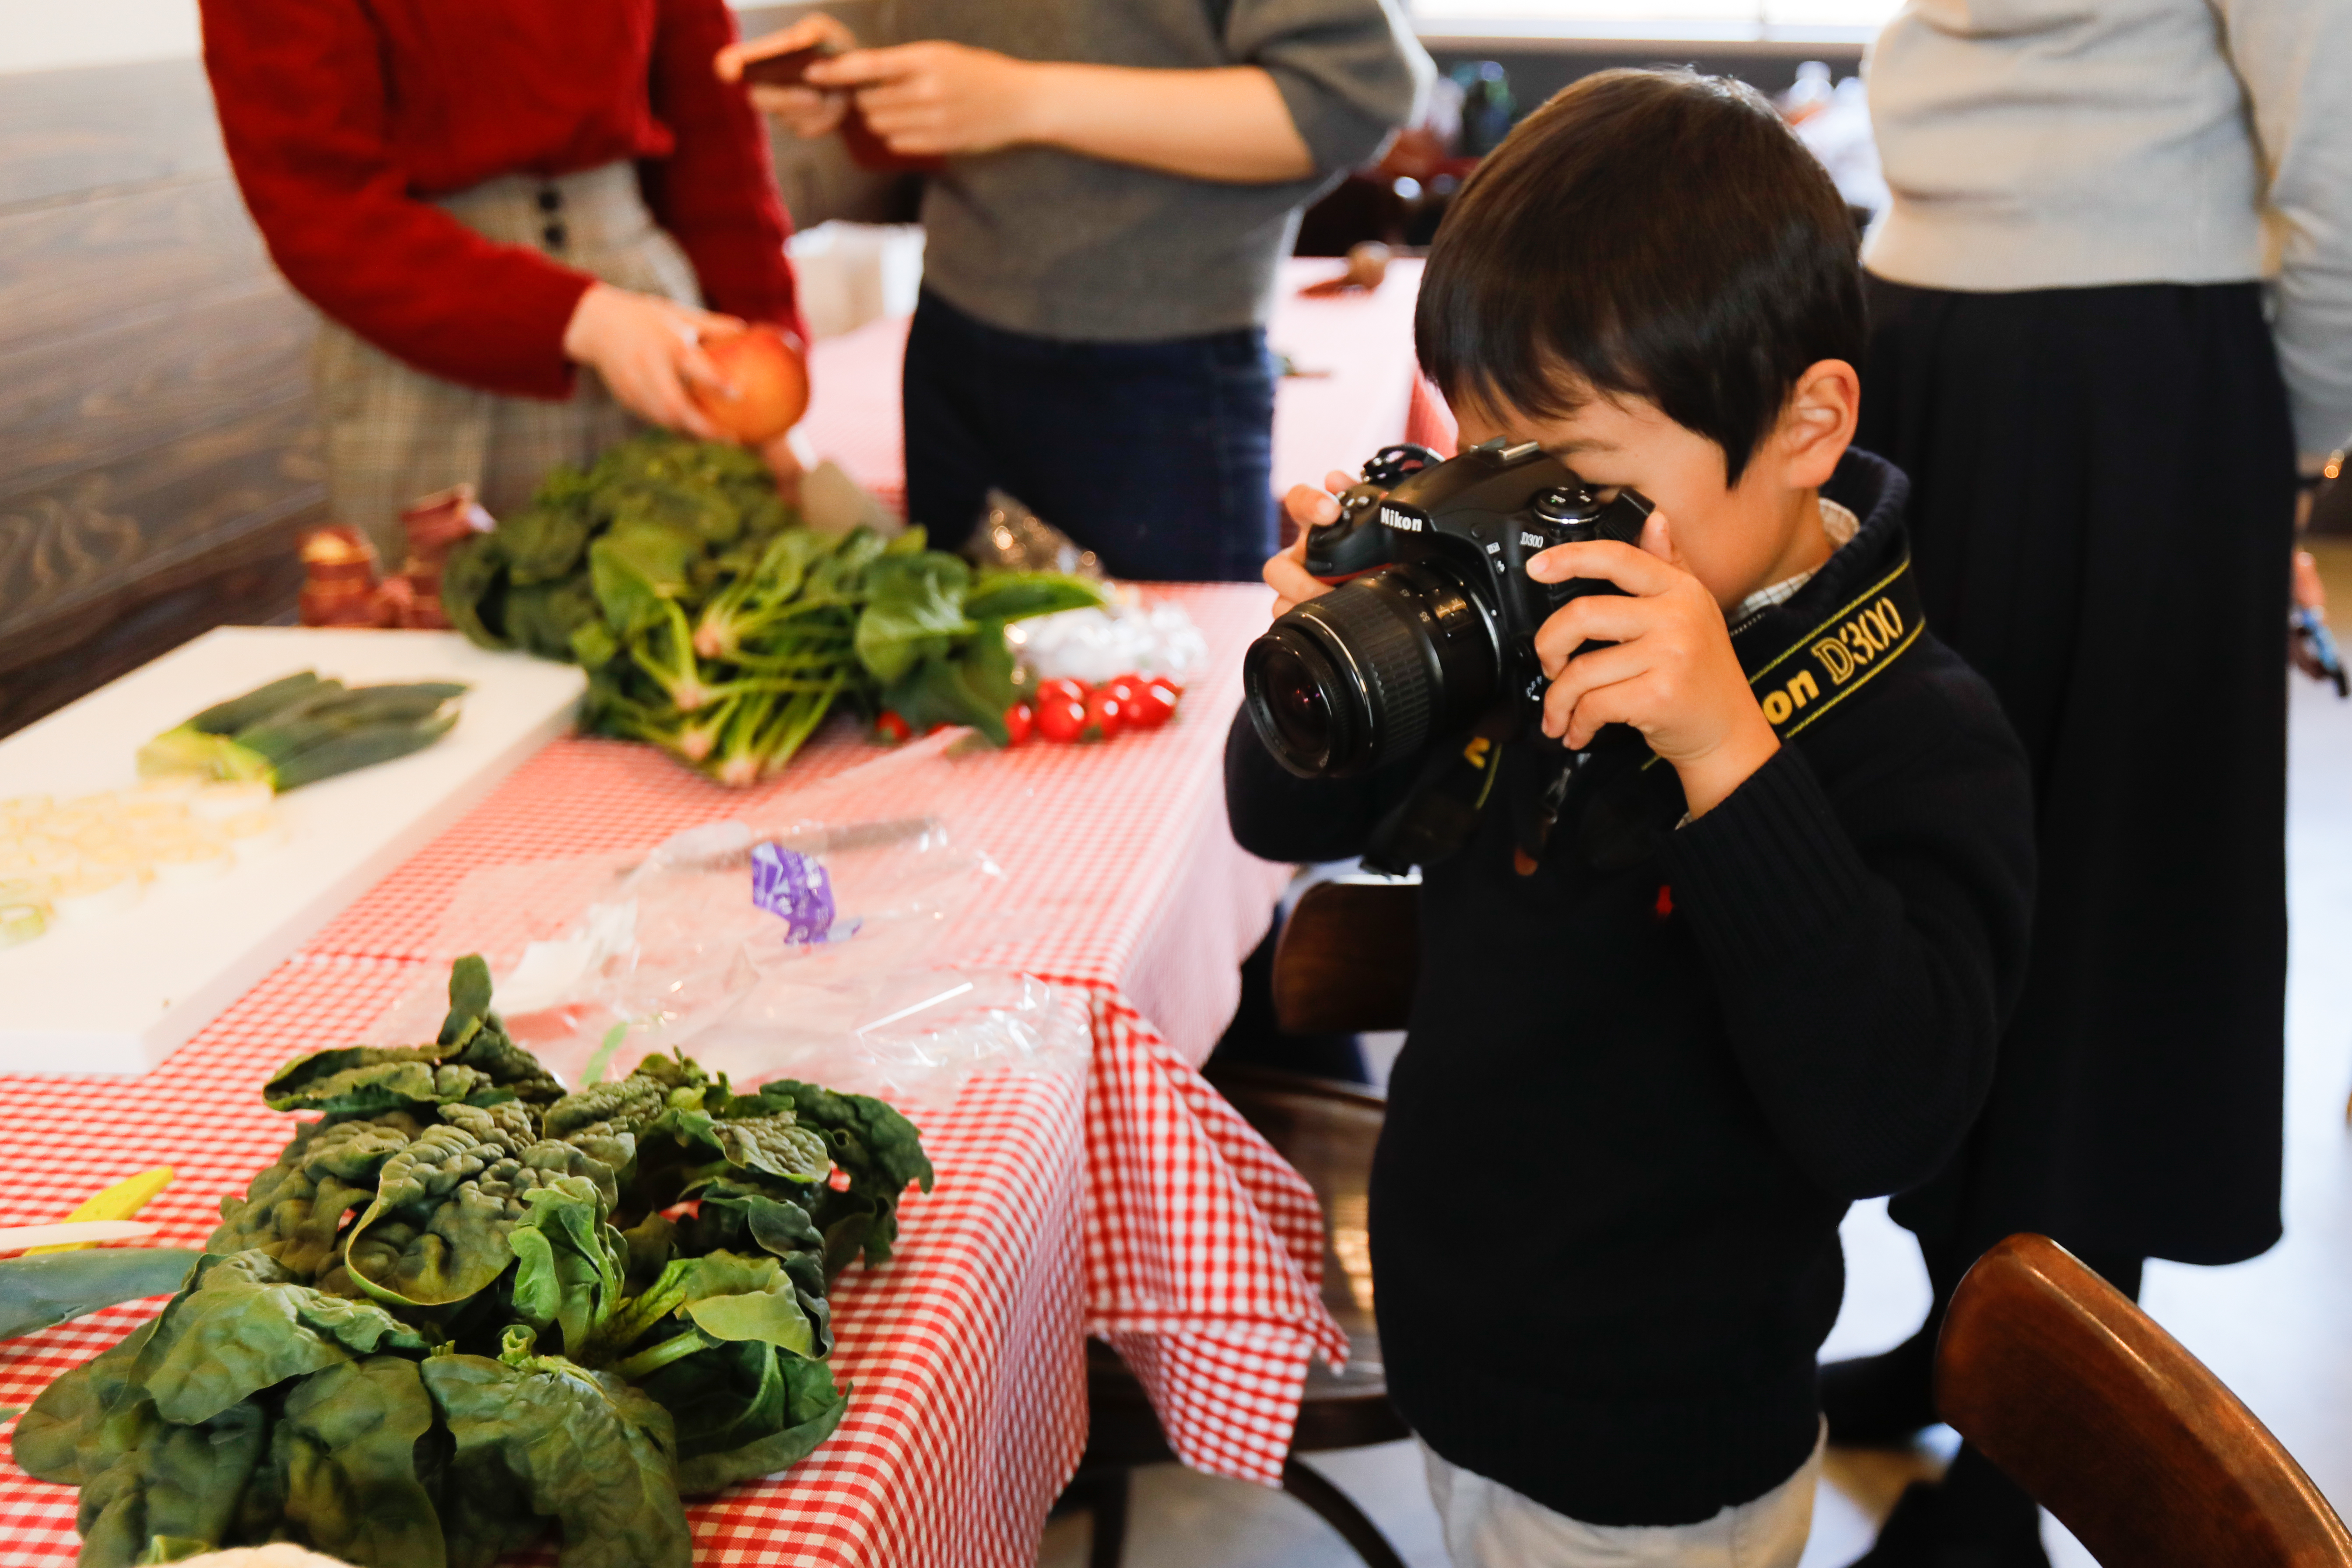 ワークショップ「まるい野菜を撮ろうの会」での様子①